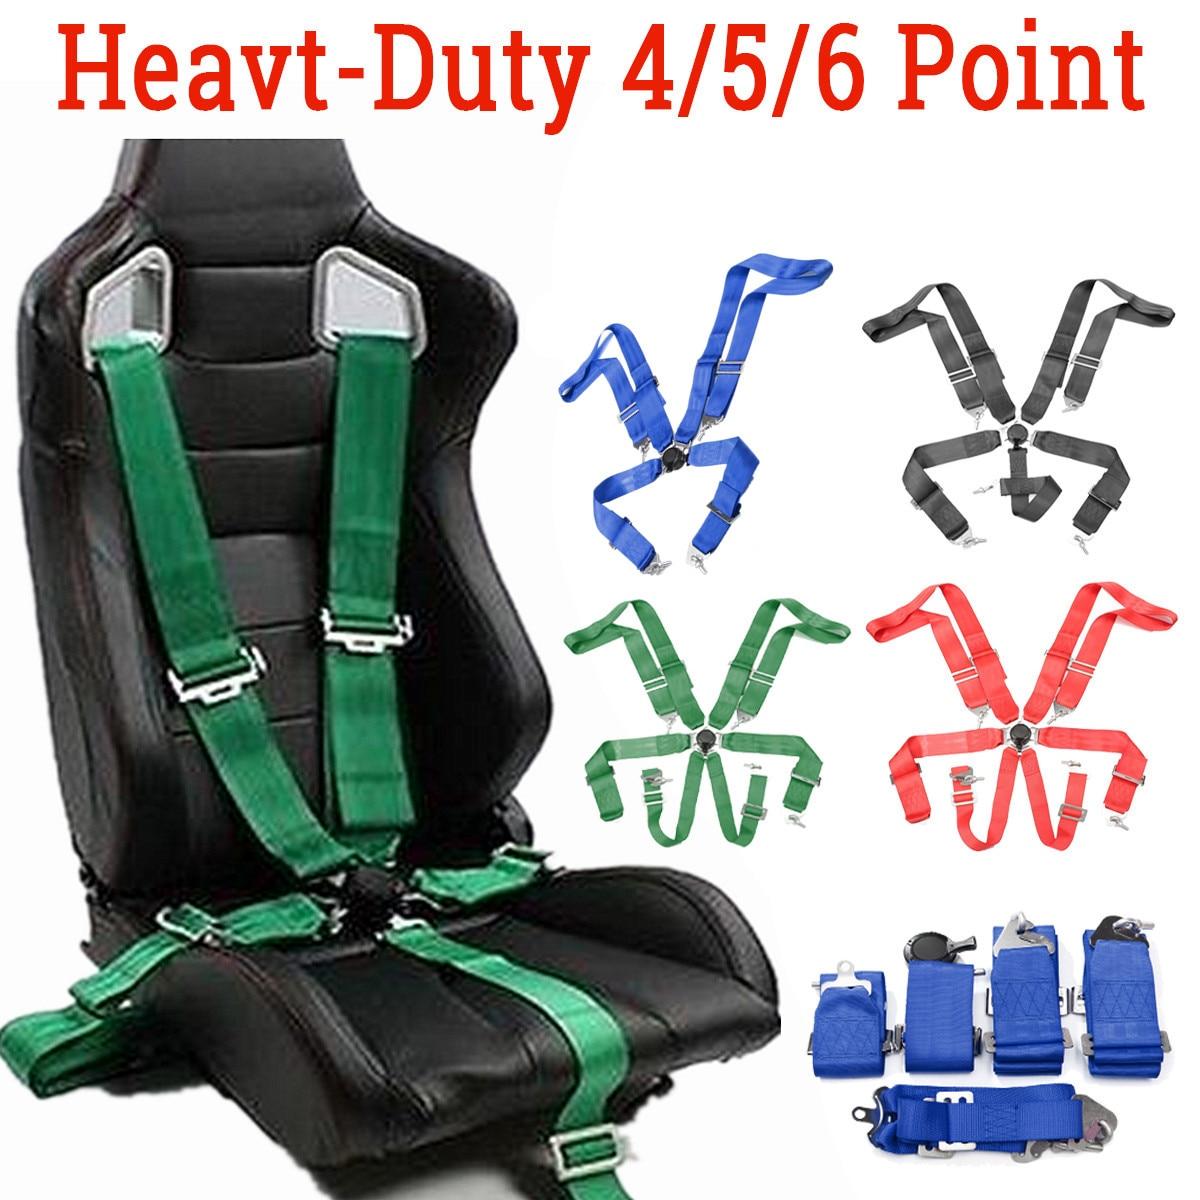 Coleira de segurança para carros esportivos, coleira de segurança para automóveis com 4 5 6 pontos de fixação, liberação rápida, alça ajustável de nylon